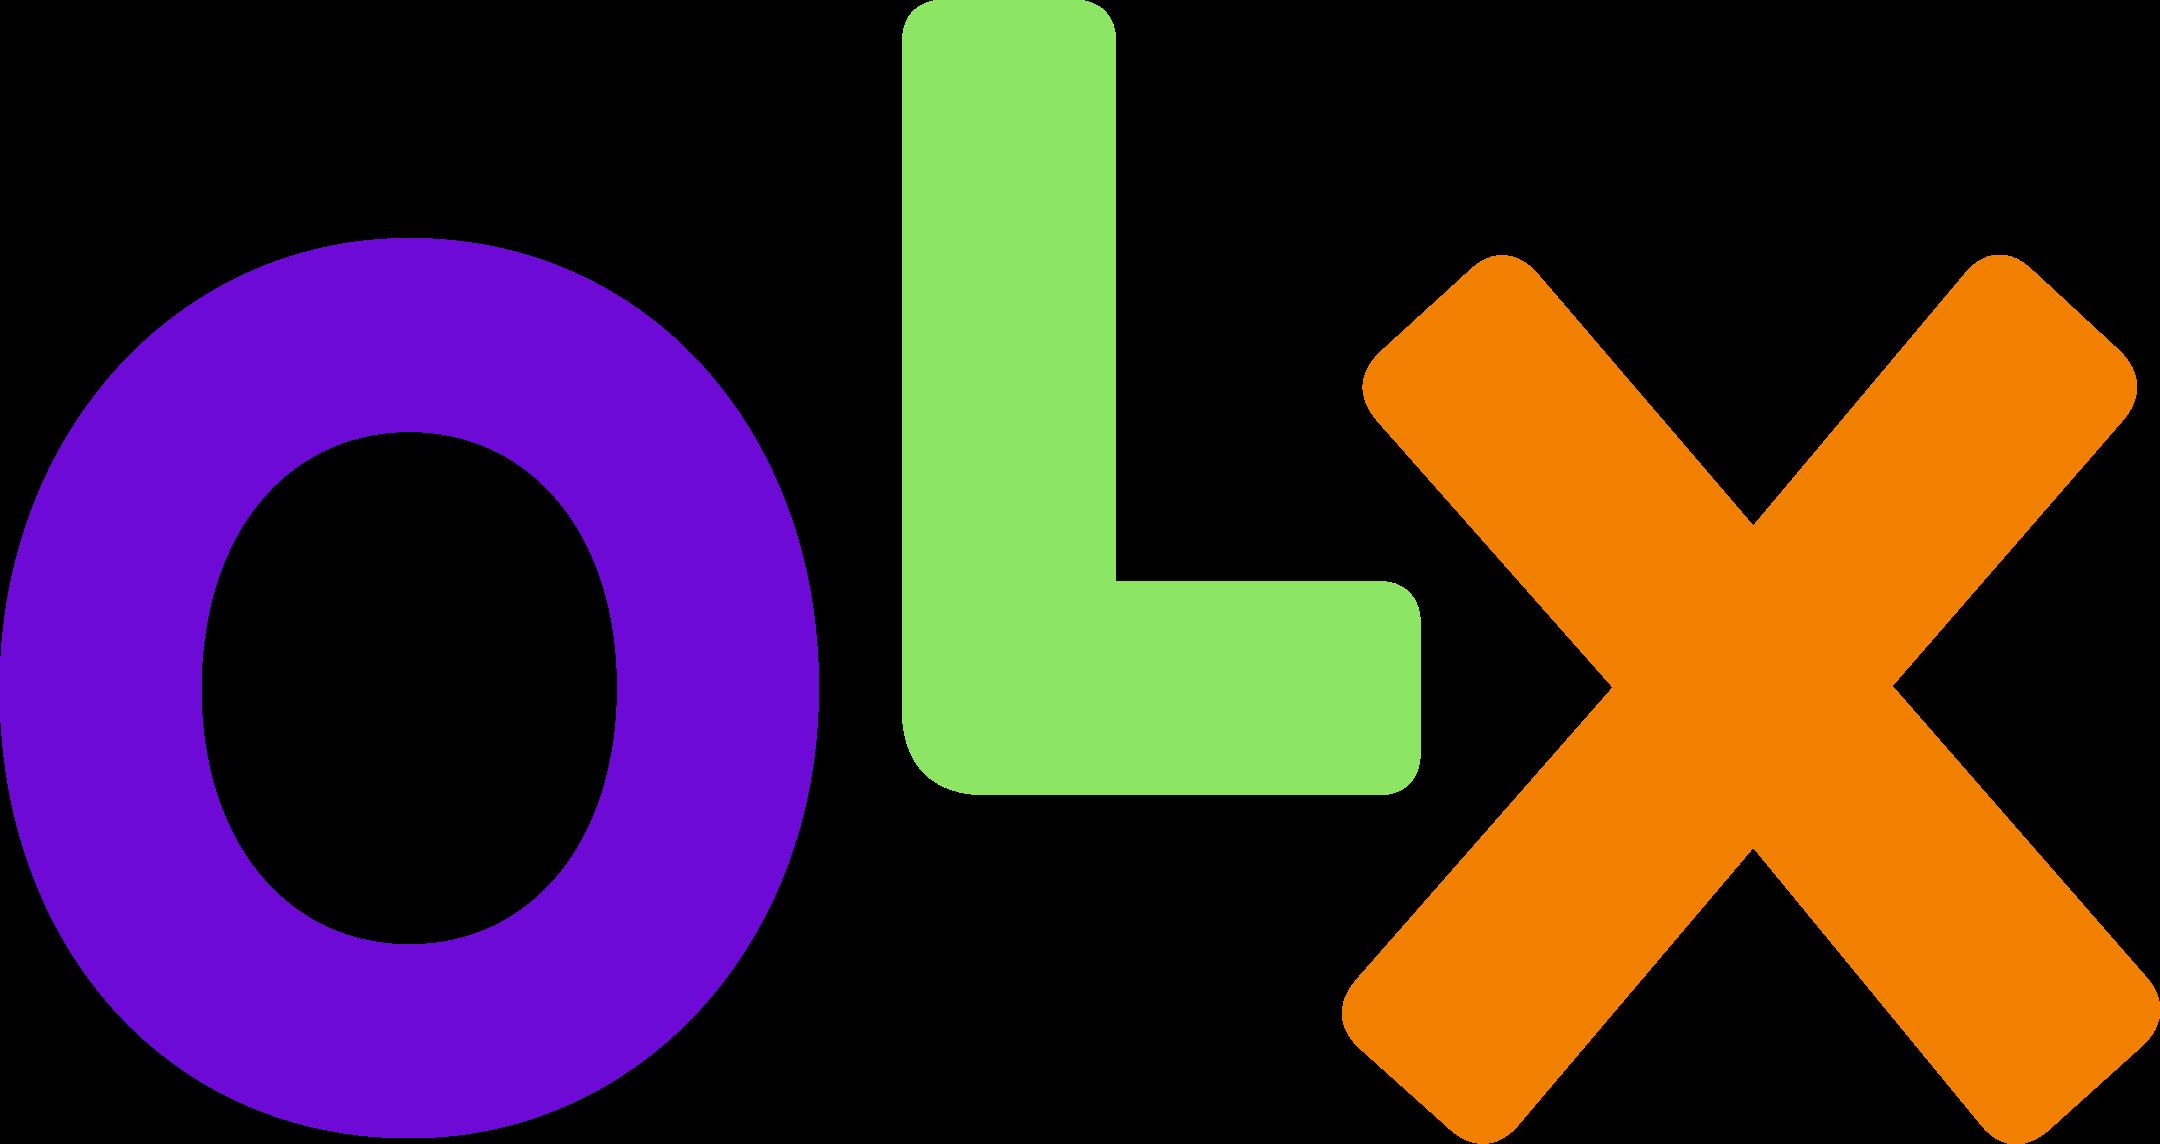 olx logo 1 1 - OLX Logo